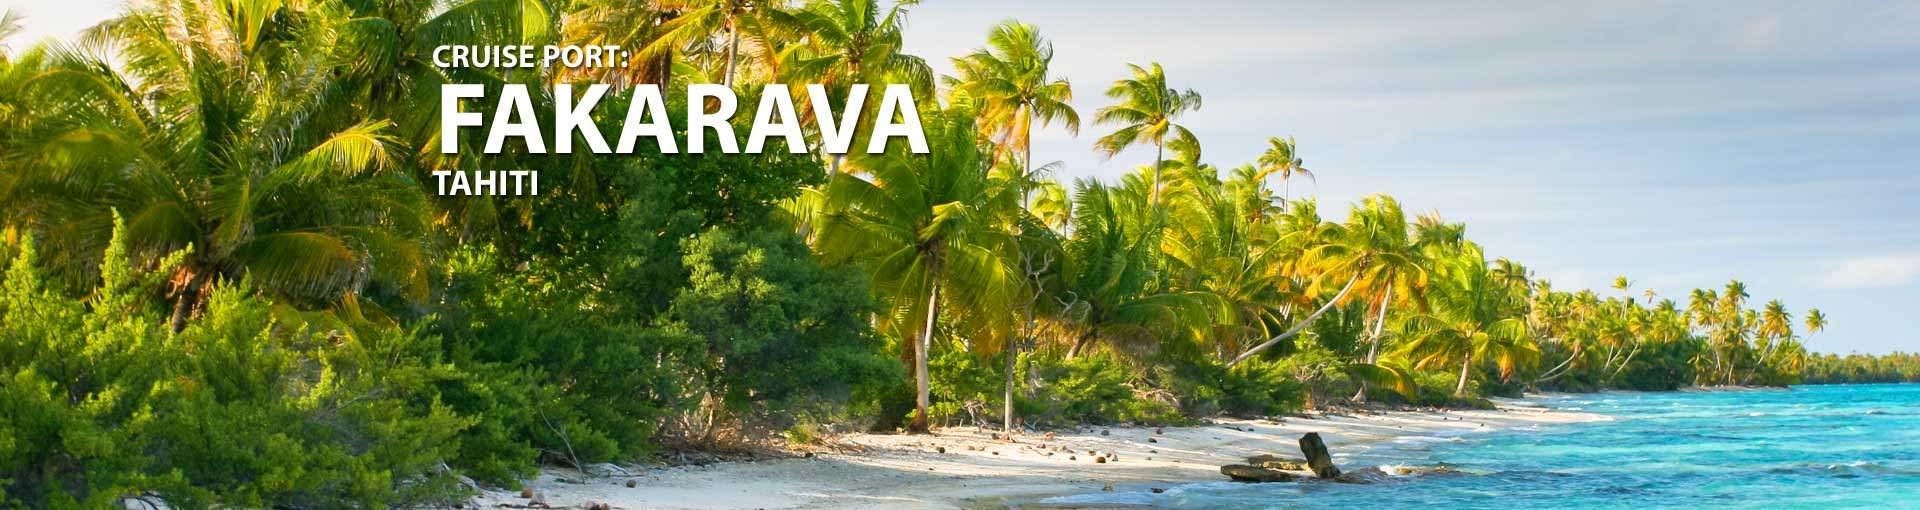 Cruises to Fakarava, Tahiti